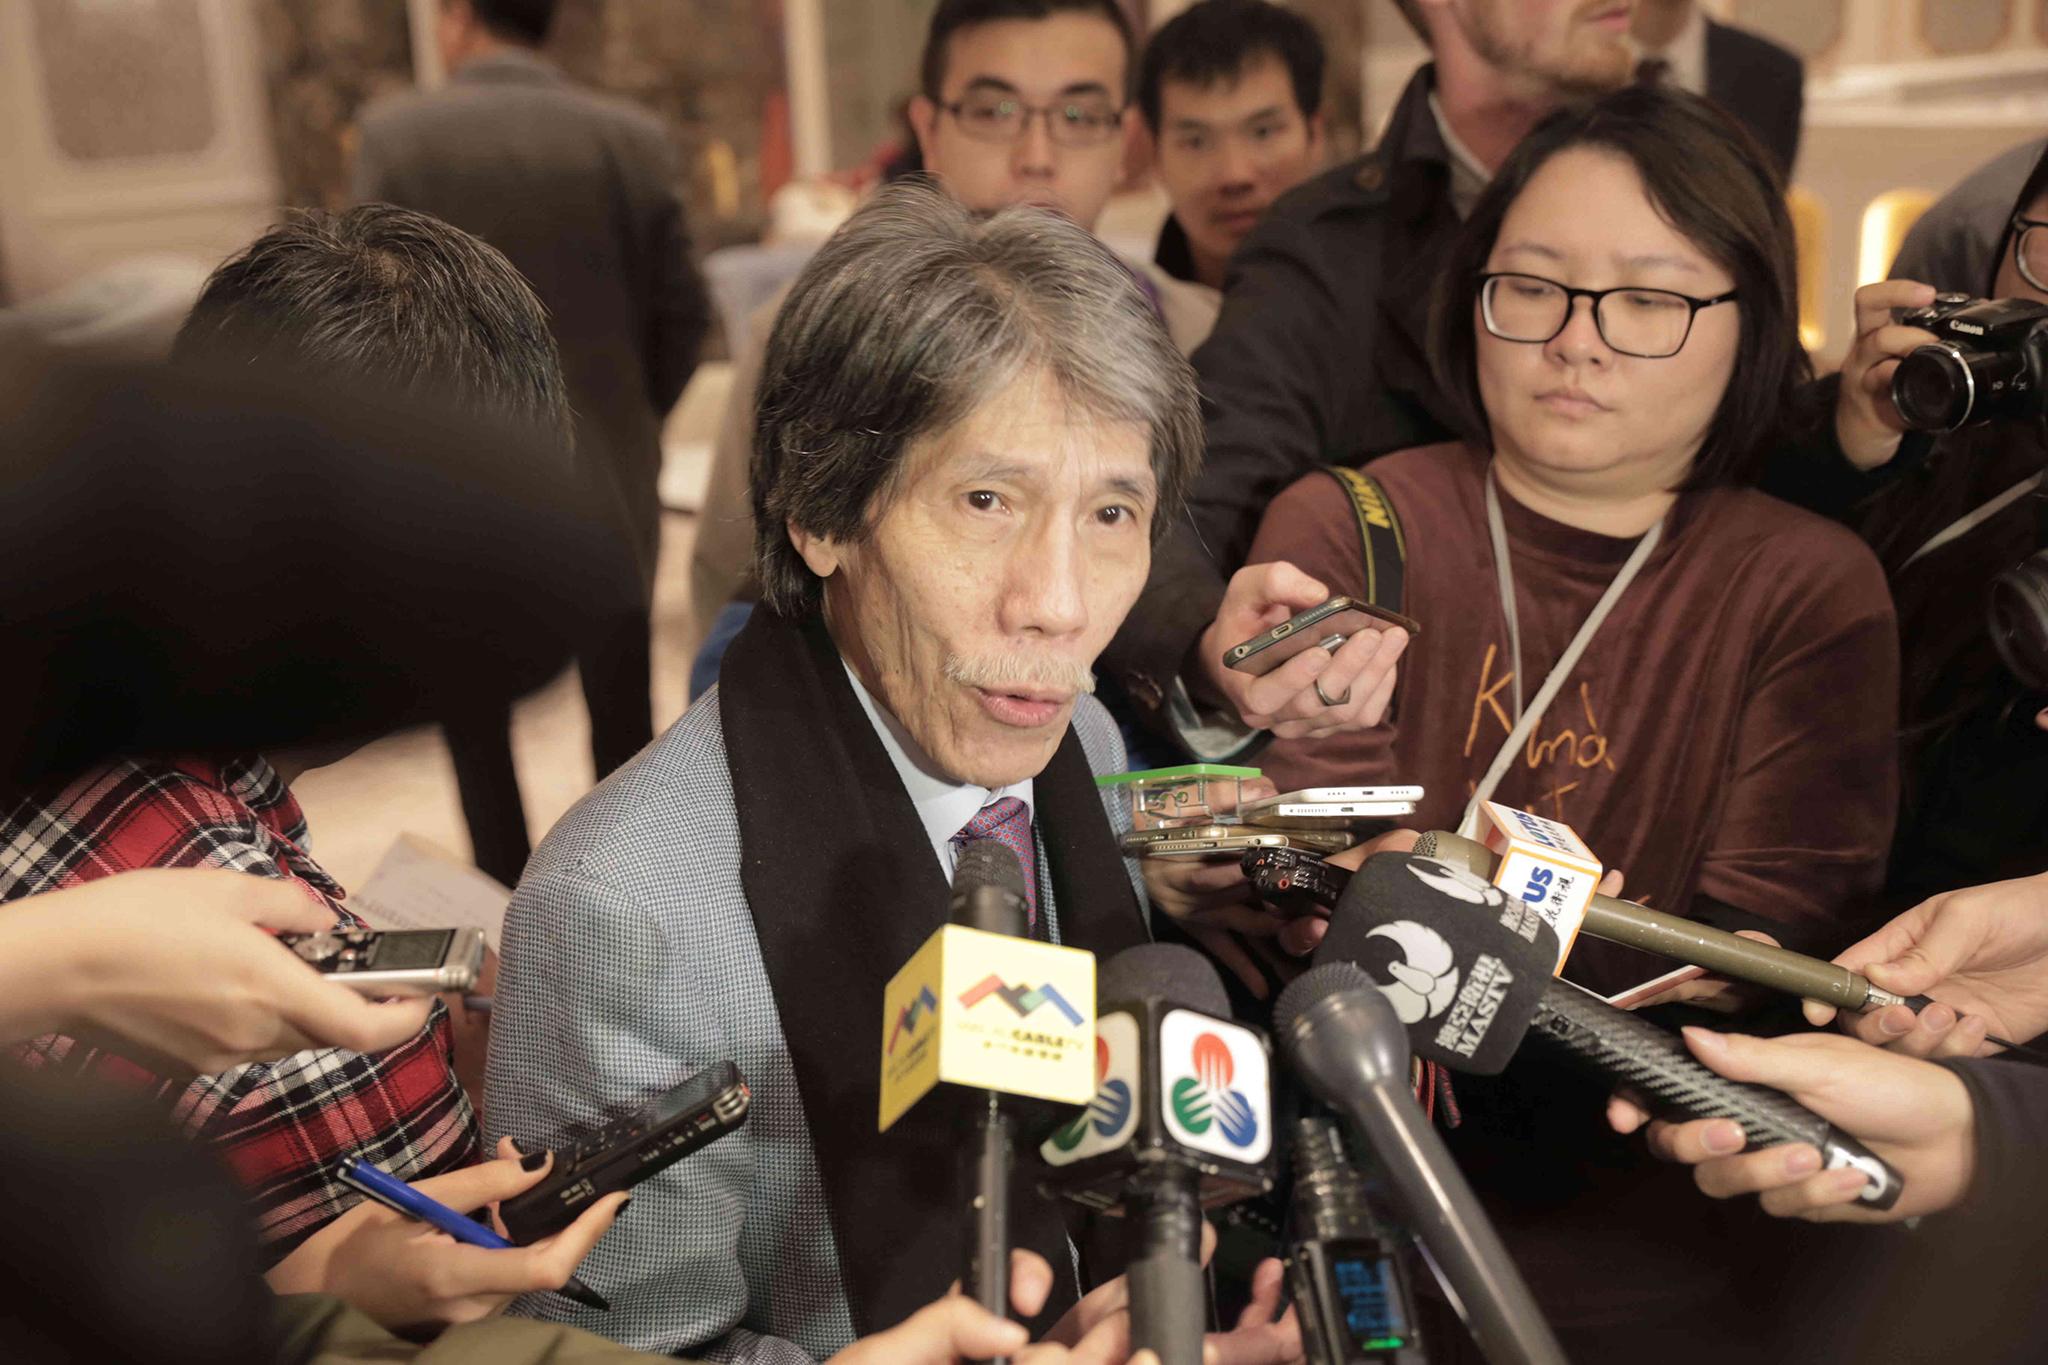 Macau Legend com prejuízos no primeiro semestre